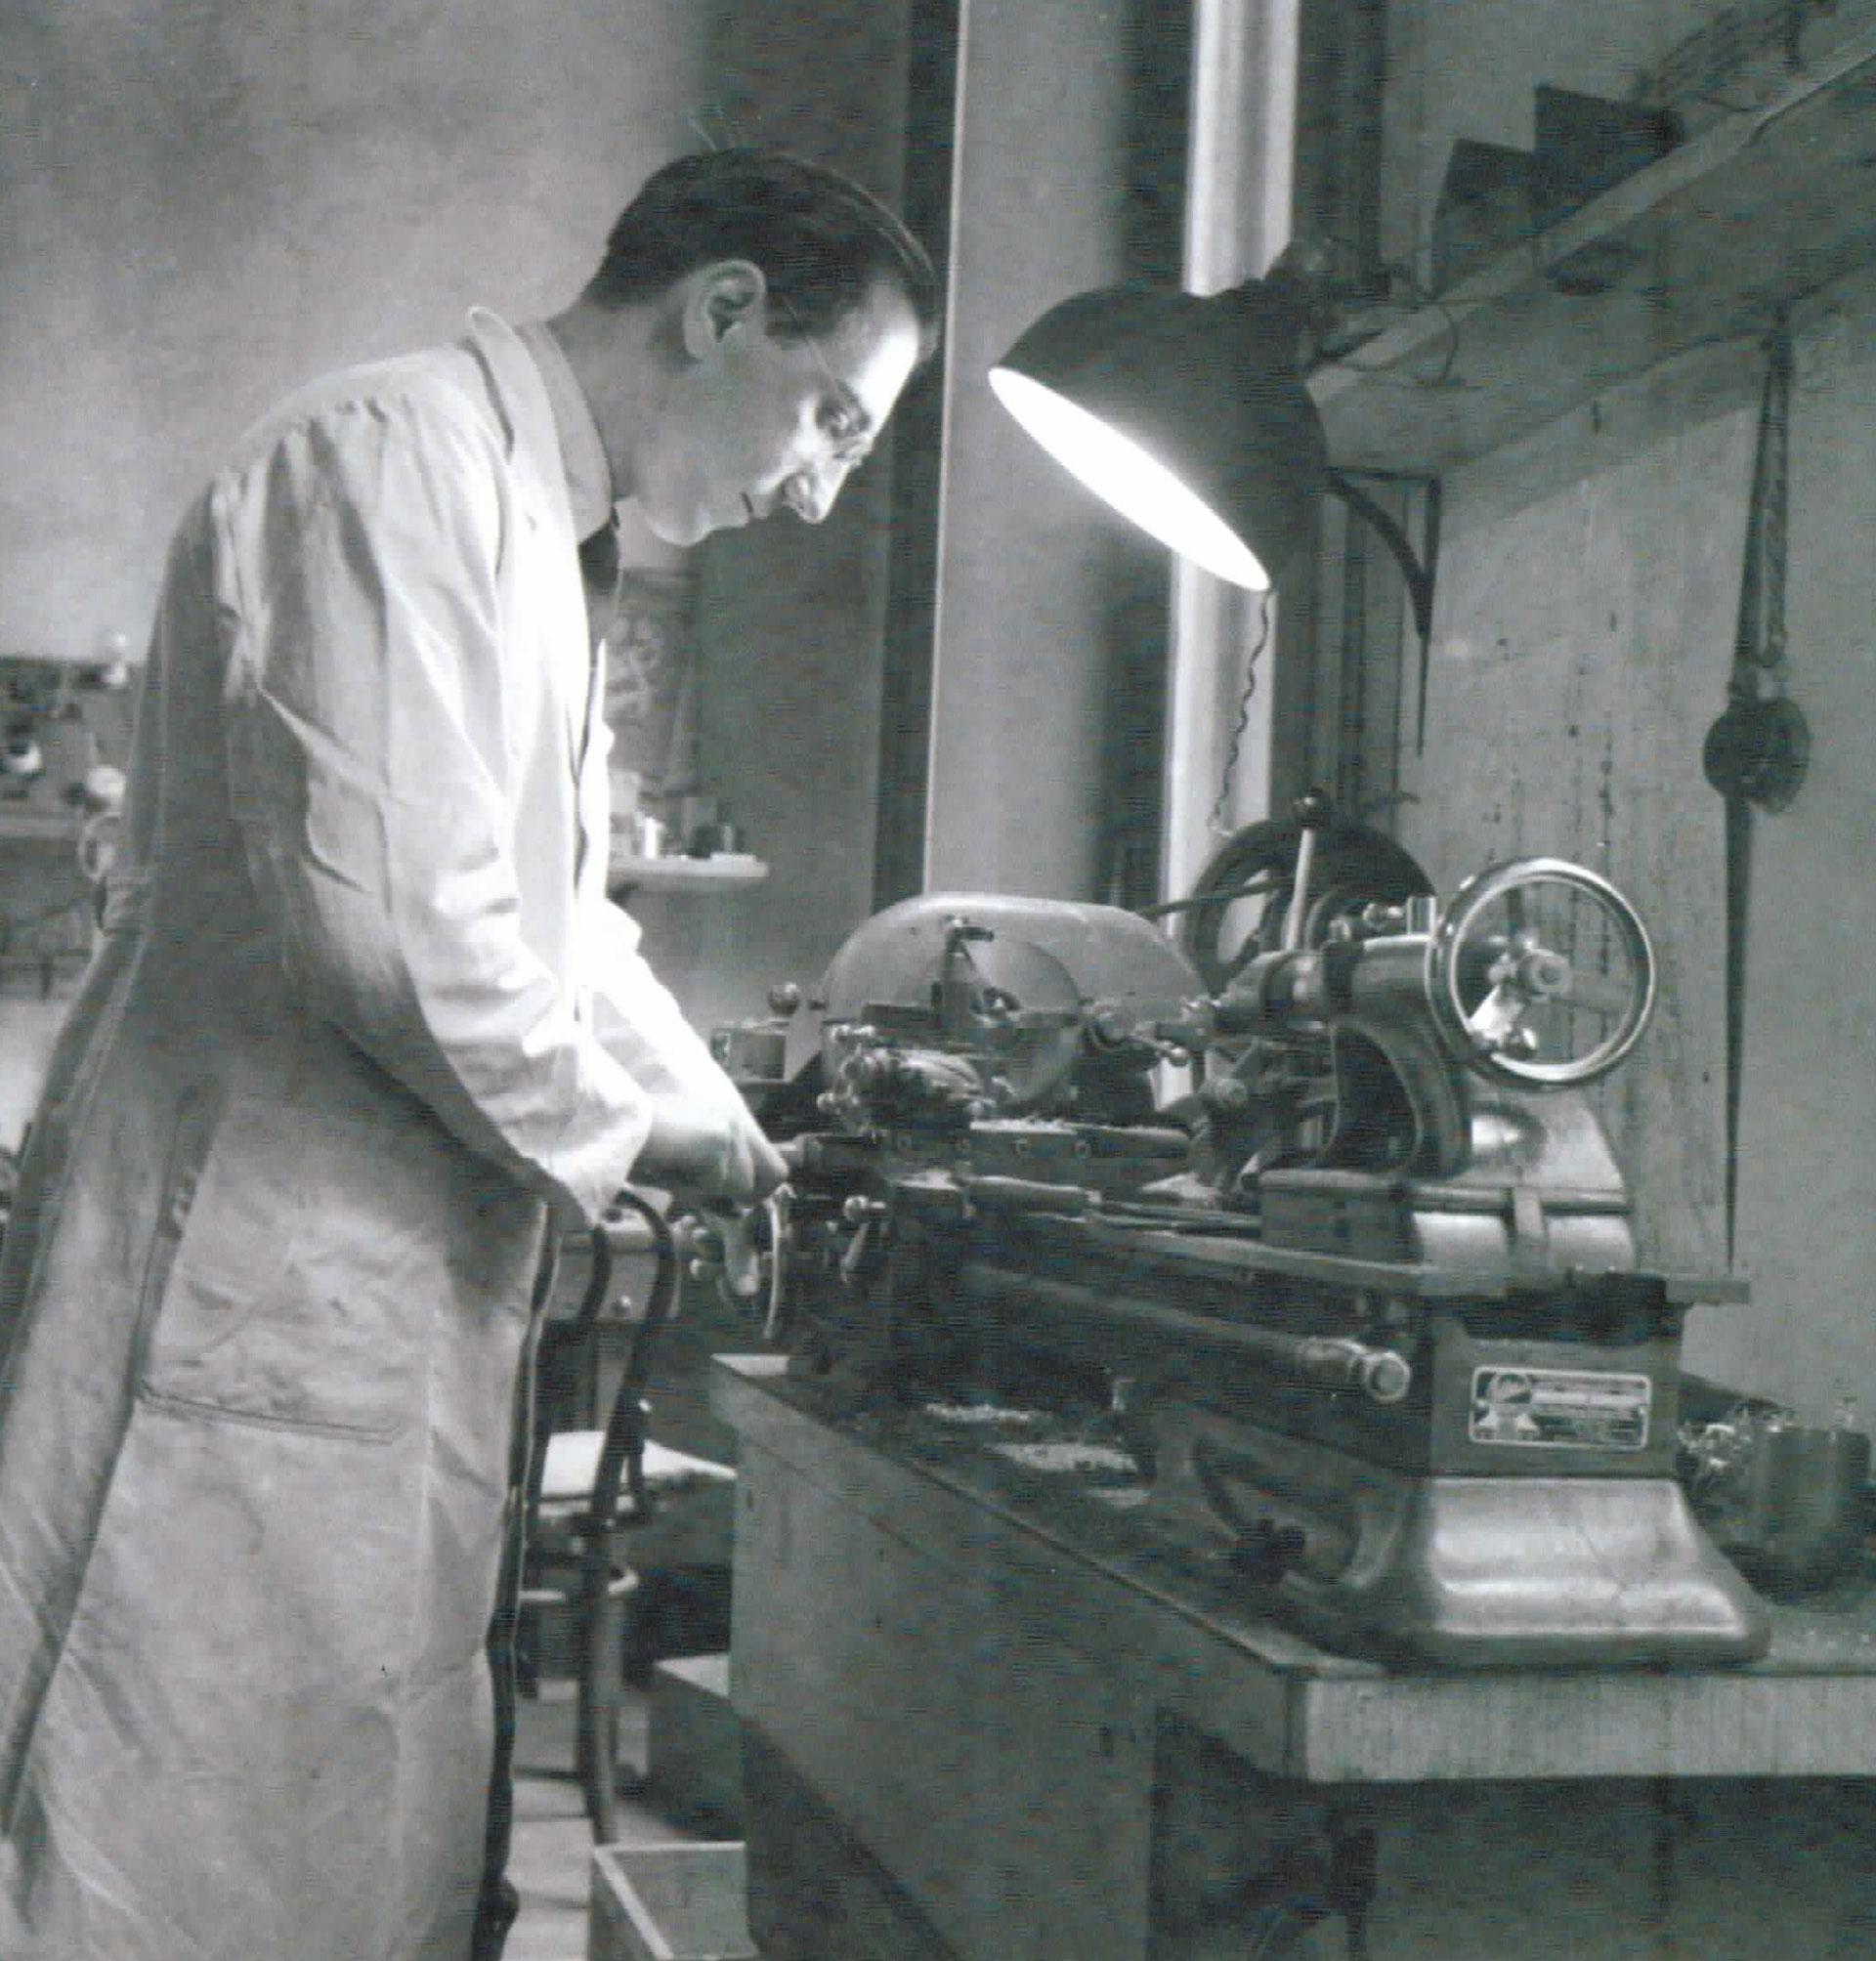 El mundo del trabajo también atrajo la mirada de Pinélides Fusco